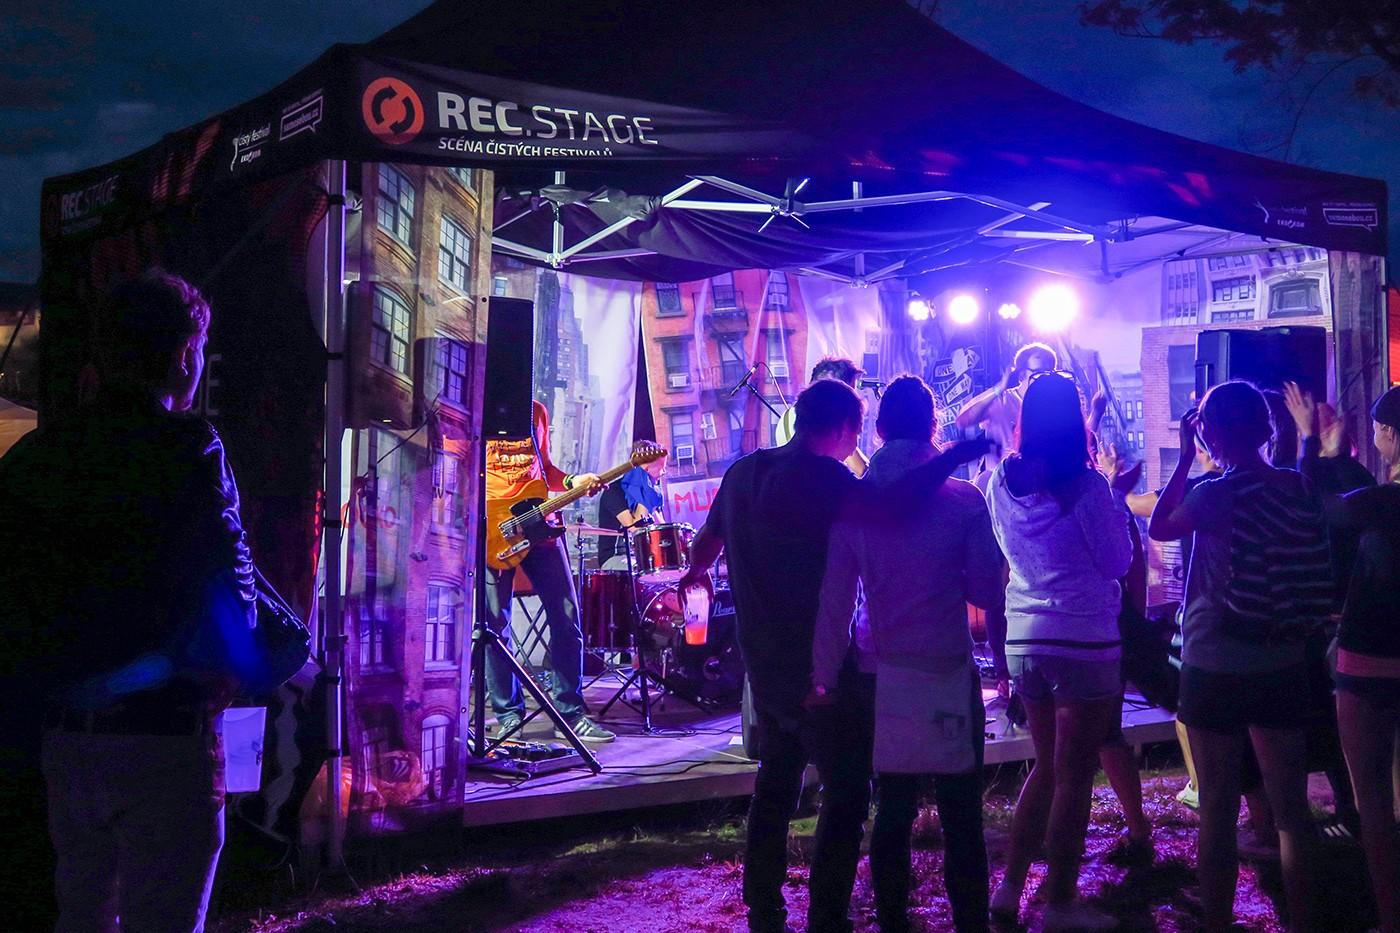 rec_stage_ciste_festivaly_ekokom